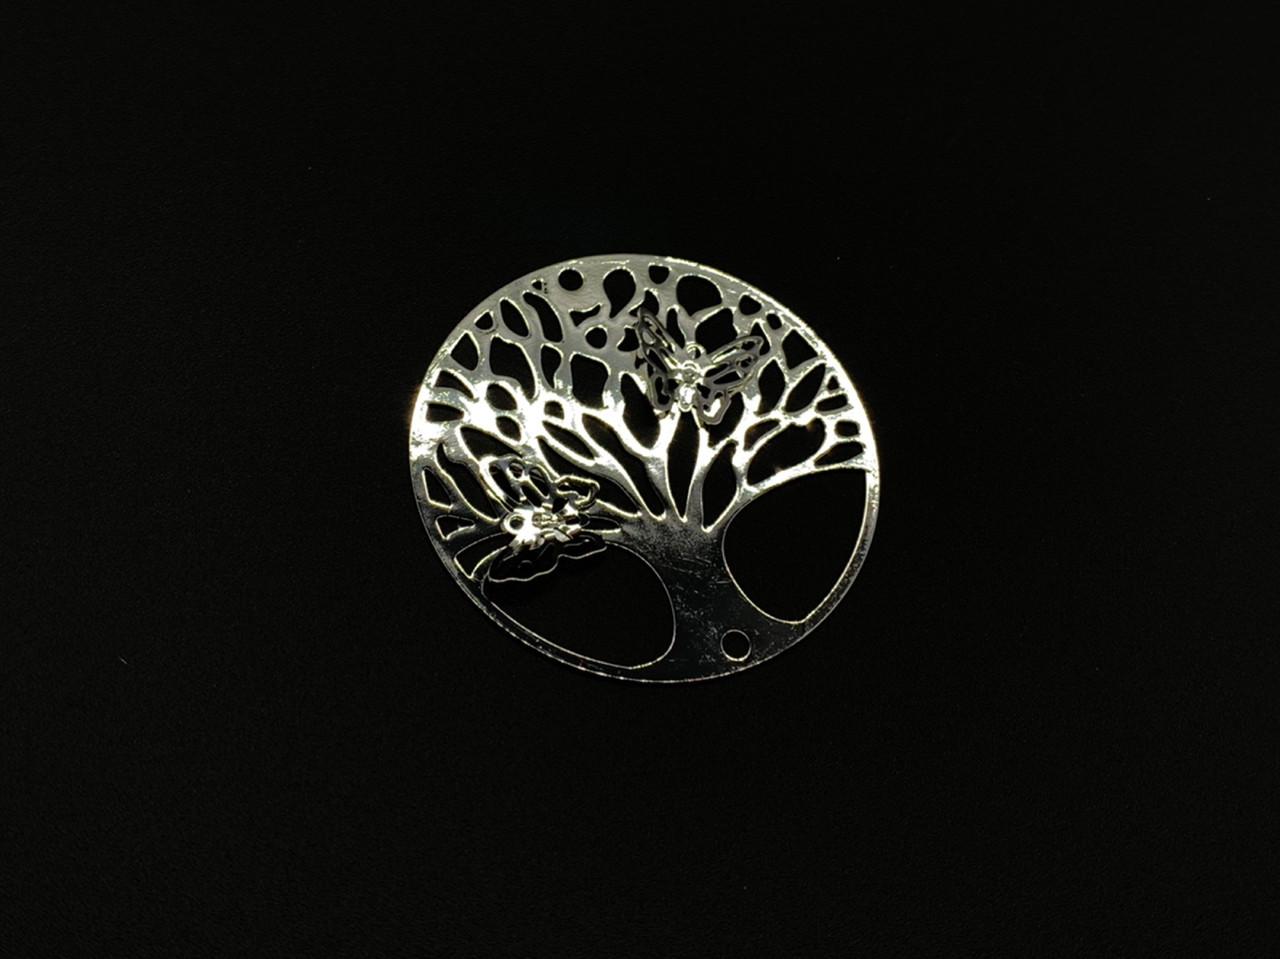 Металлические изделия. Декор. Дерево с бабочками. 40мм